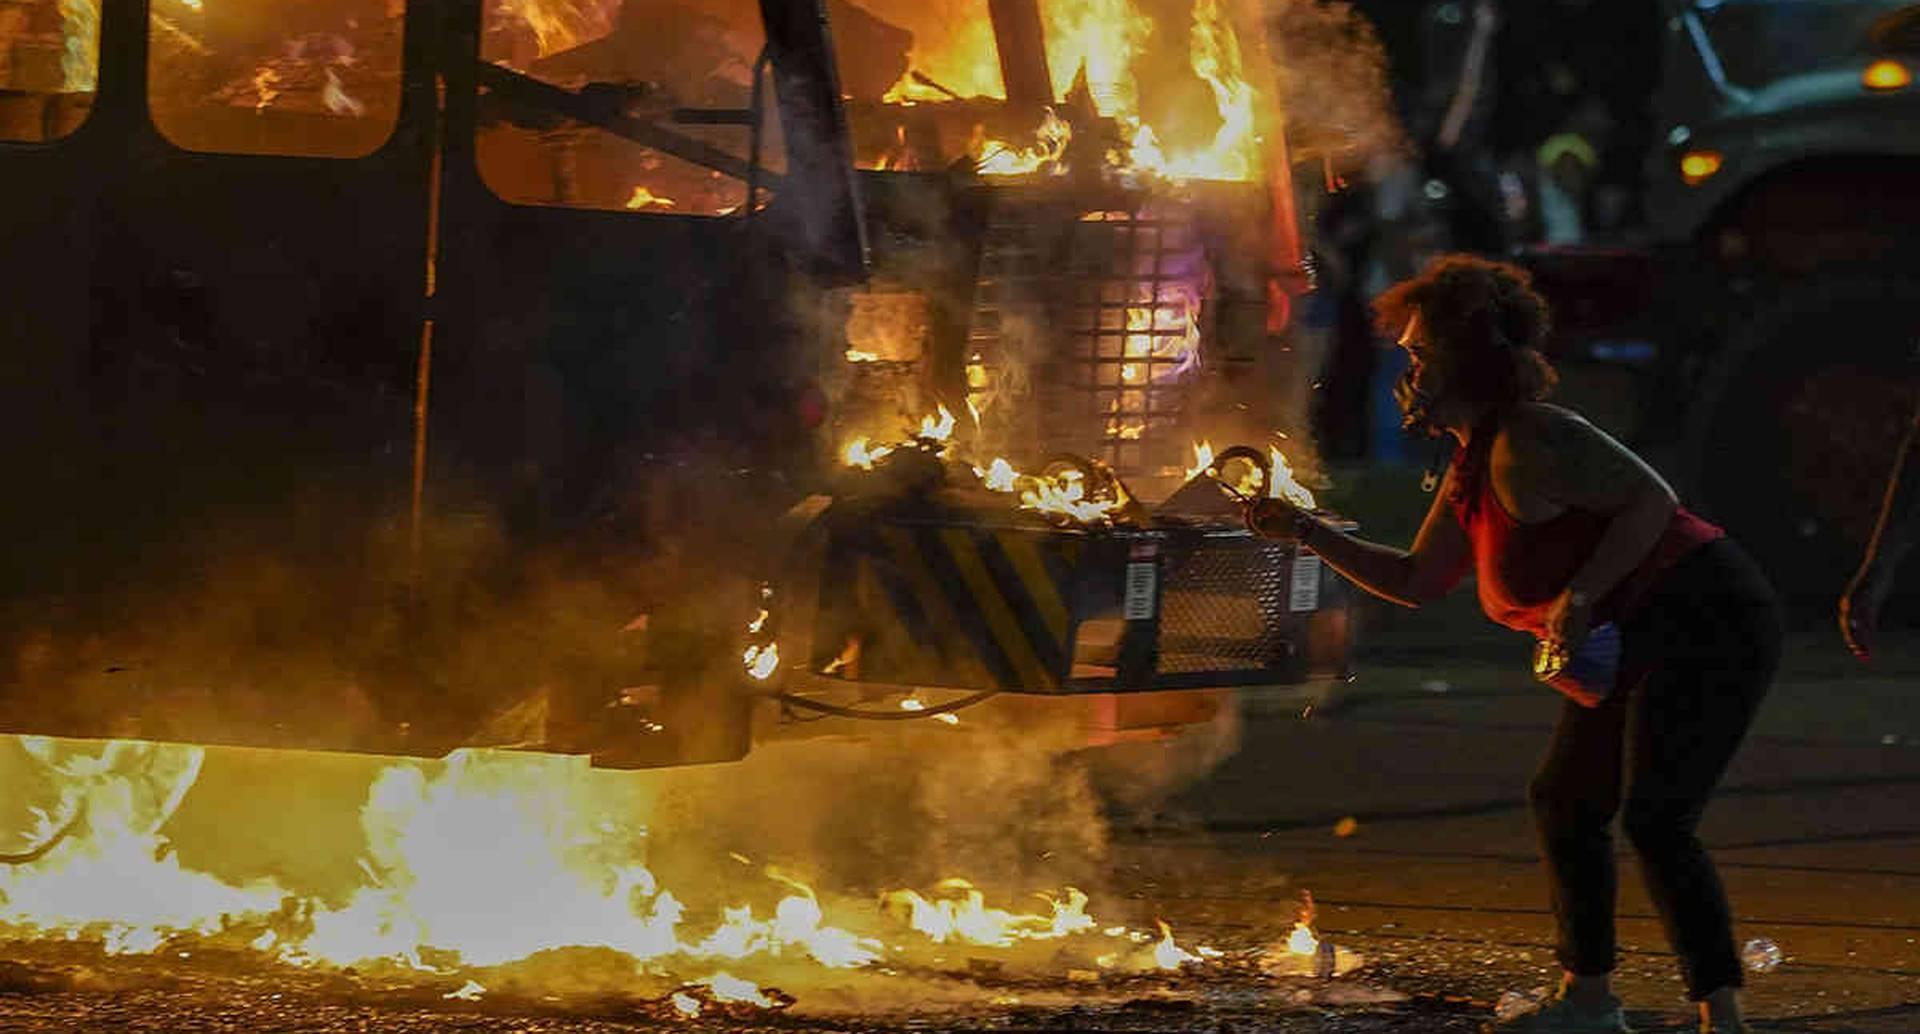 Un manifestante enciende un cigarrillo en un camión de basura que se incendió durante las protestas a última hora del lunes 24 de agosto de 2020 en Kenosha, Wisconsin, provocadas por el disparo de Jacob Blake por parte de un oficial de policía de Kenosha un día antes. Foto: Morry Gash / AP